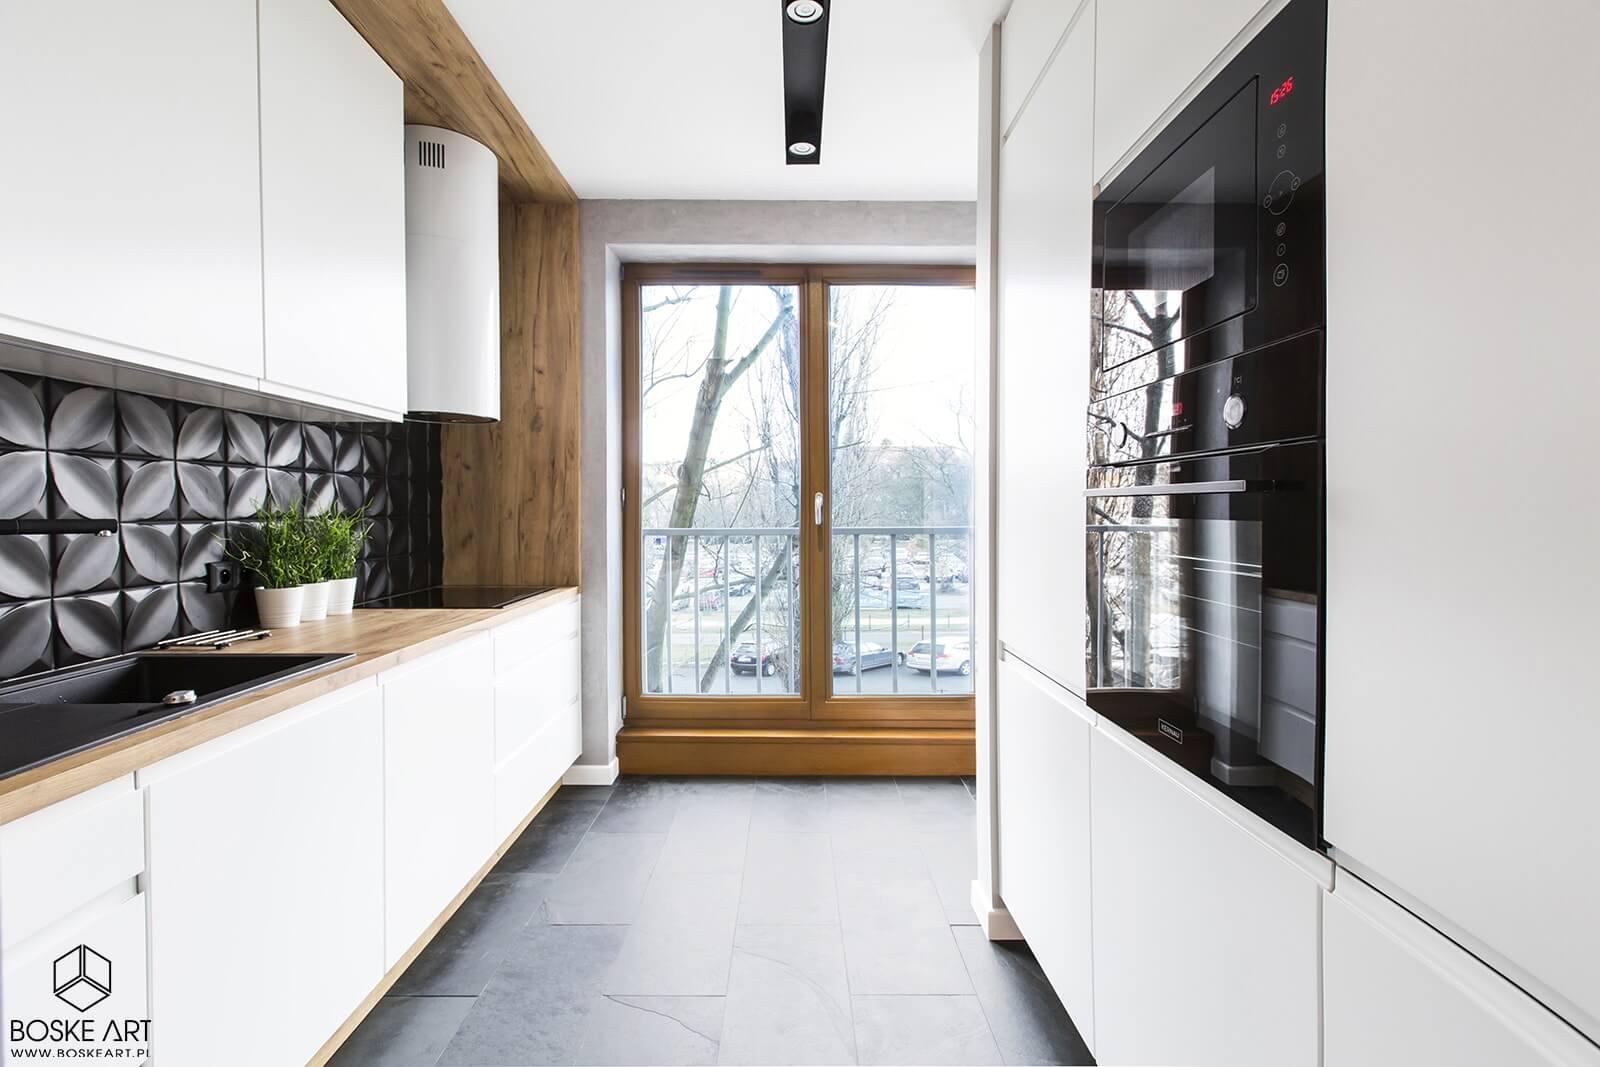 2_apartamenty_na_wynajem_poznan_boske_art_projektowanie_aranzacja_architektura_wnetrz_natalia_robaszkeiwicz-min